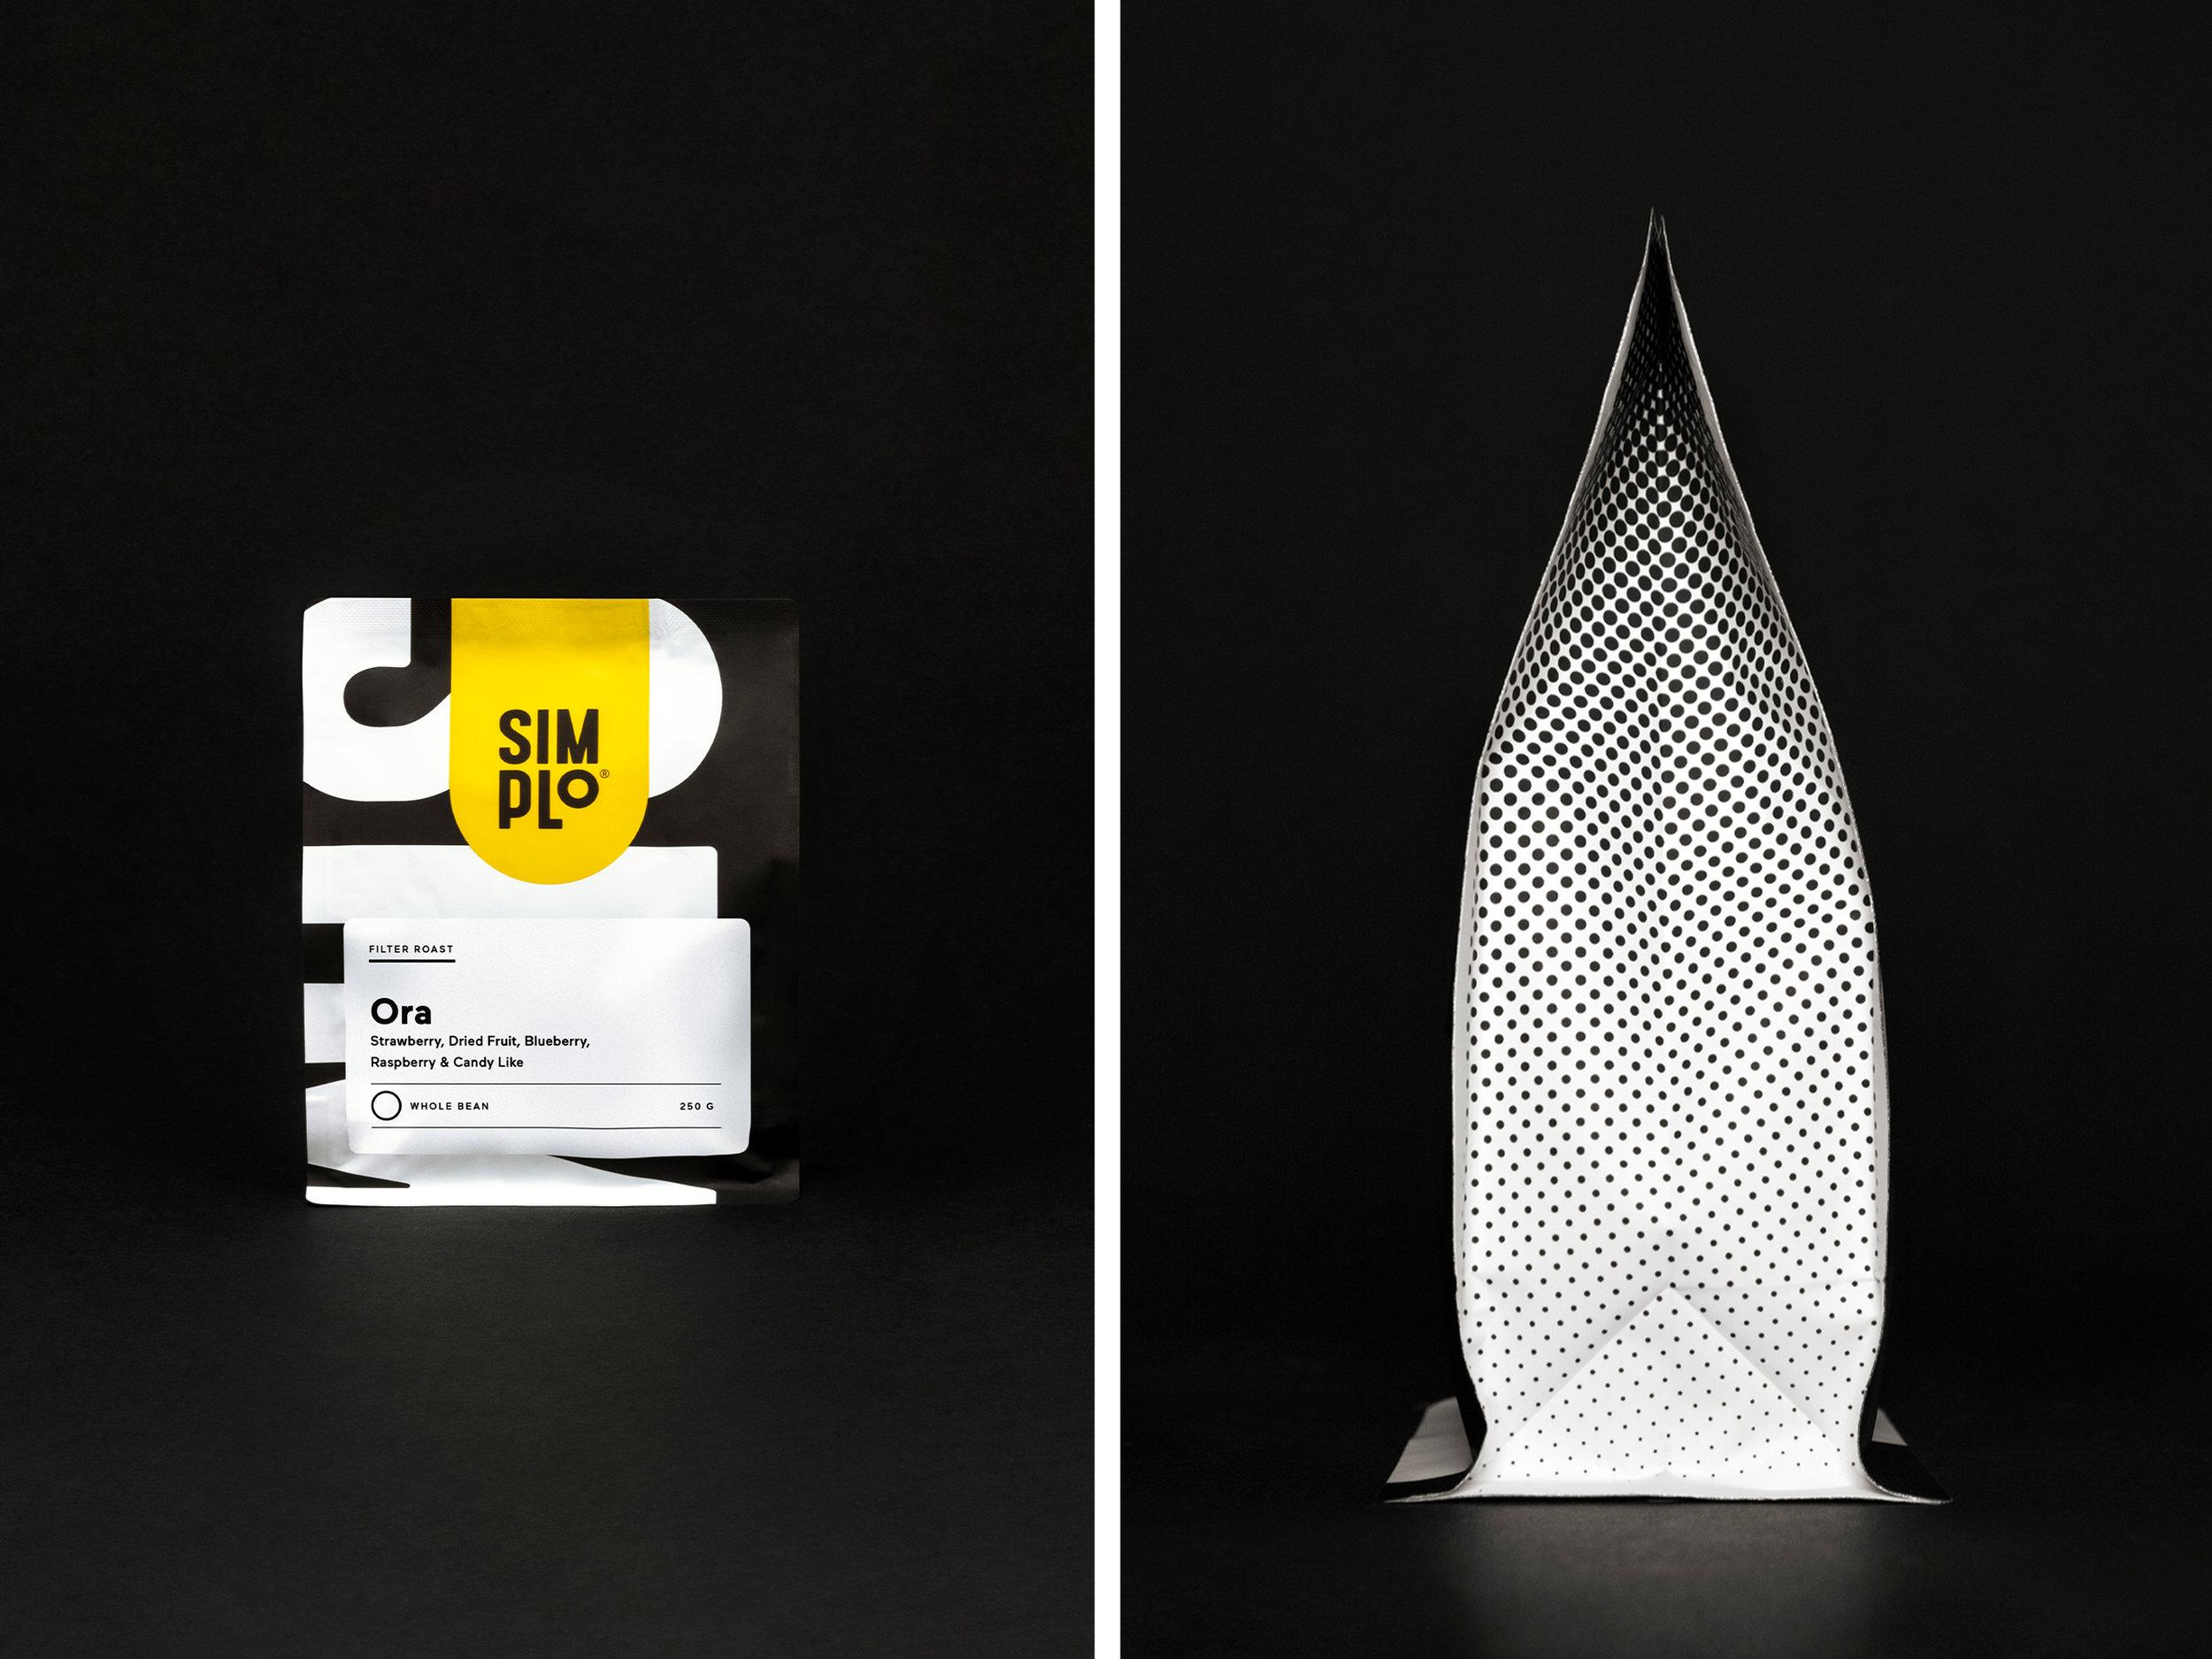 SIMPLo_Design_lab_Packaging_03.jpg